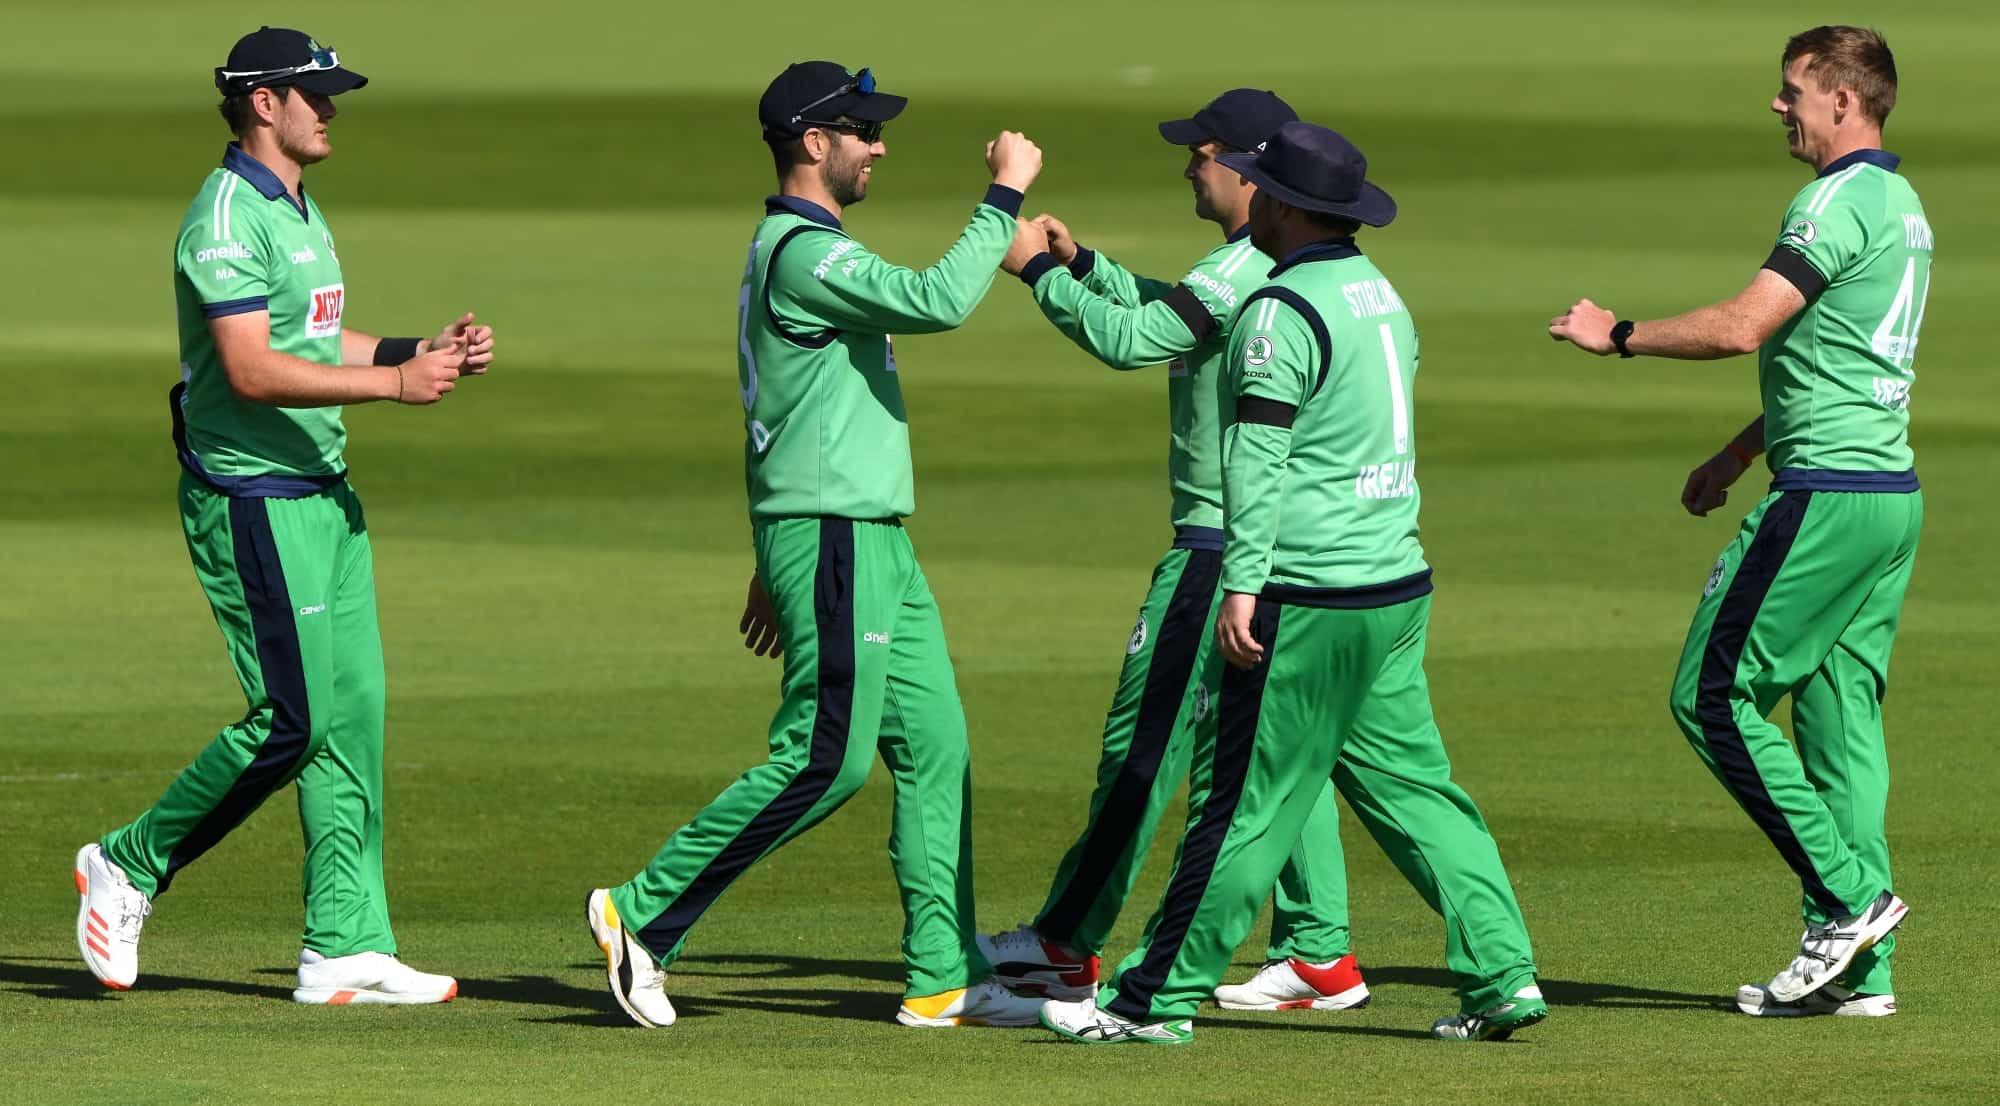 NED vs IRE 3rd ODI Dream11 & Faboom Prediction : Fantasy Cricket Tips